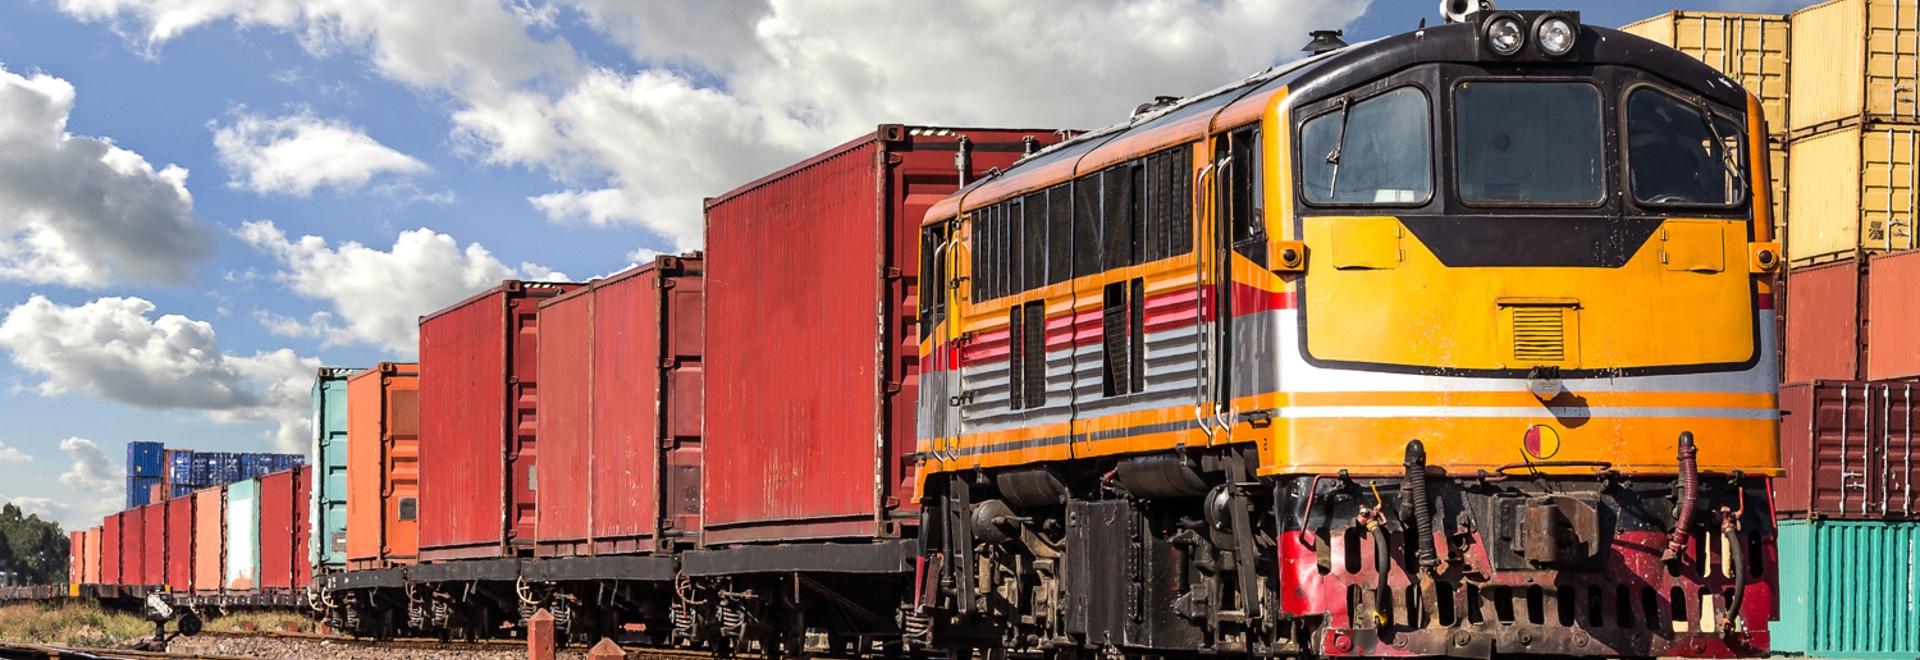 CSX et le CN s'apprêtent à lancer un nouveau service intermodal de transport de marchandises en coentreprise